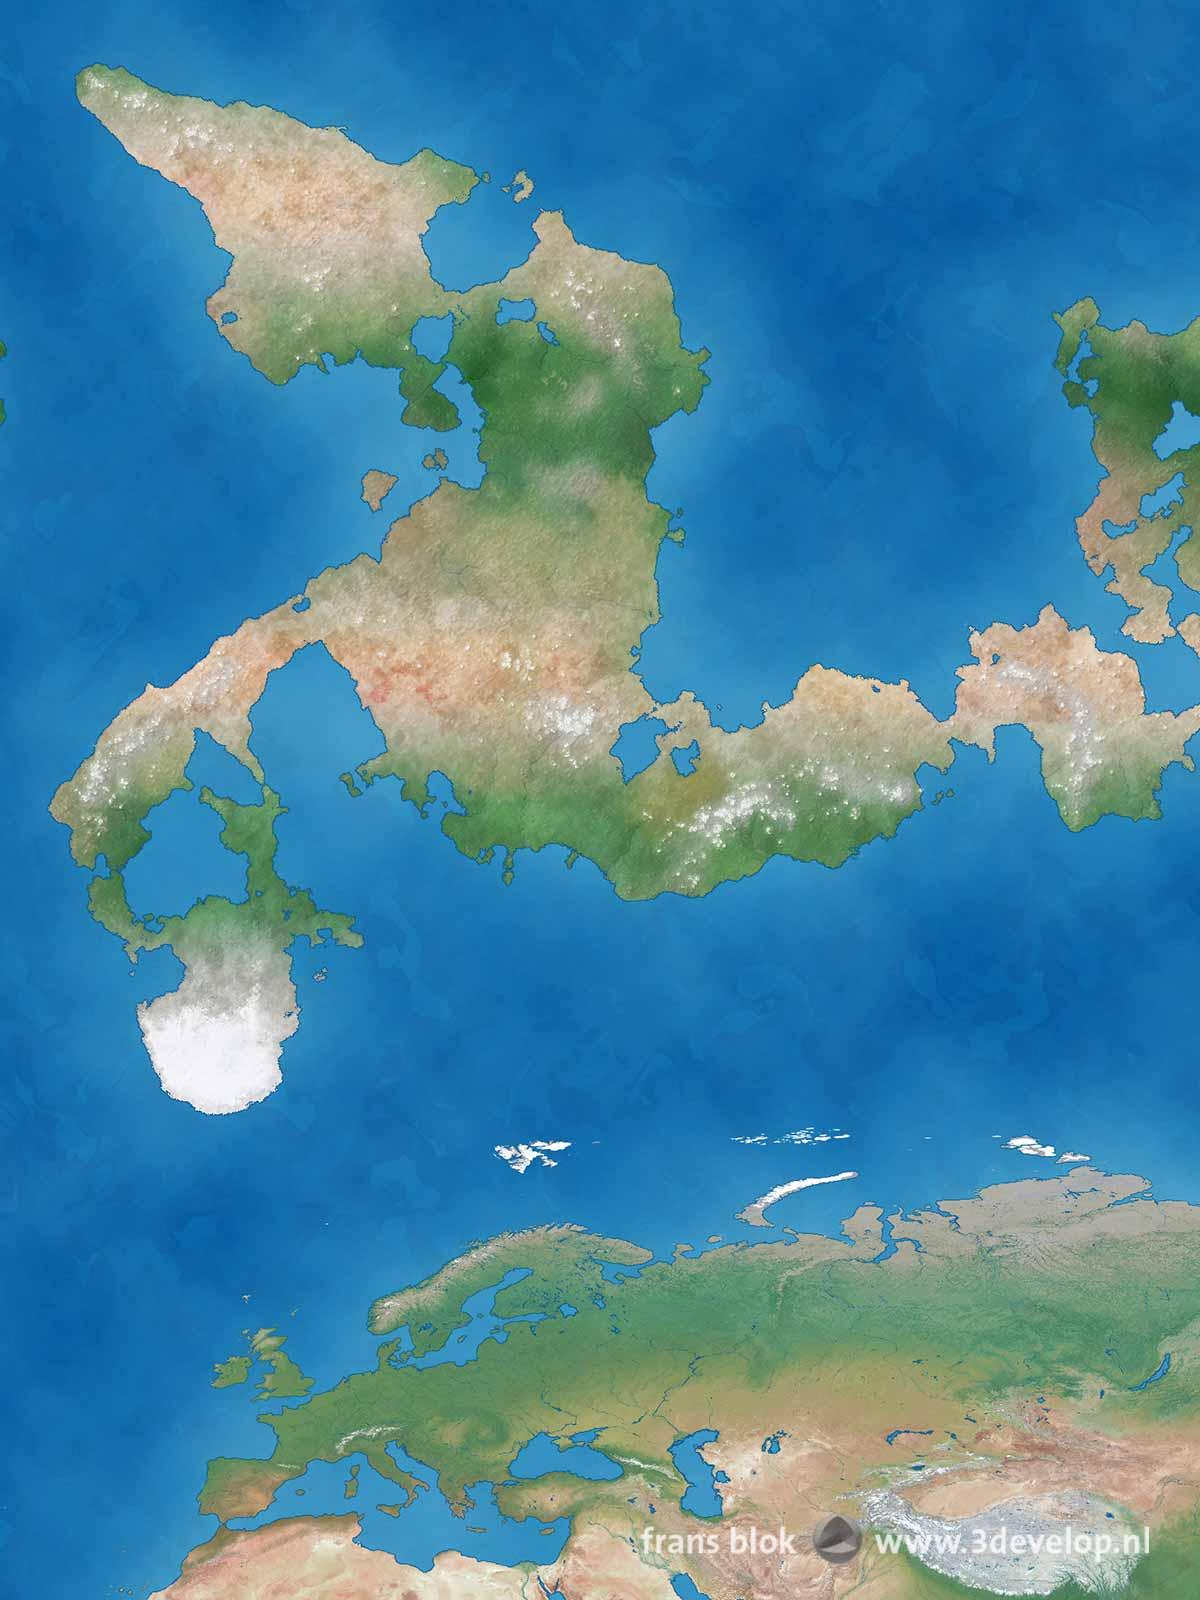 Detail van een wereldkaart van een hypothetische eindeloze platte Aarde, met Europa, Azië en een groot en grillig noordelijk continent